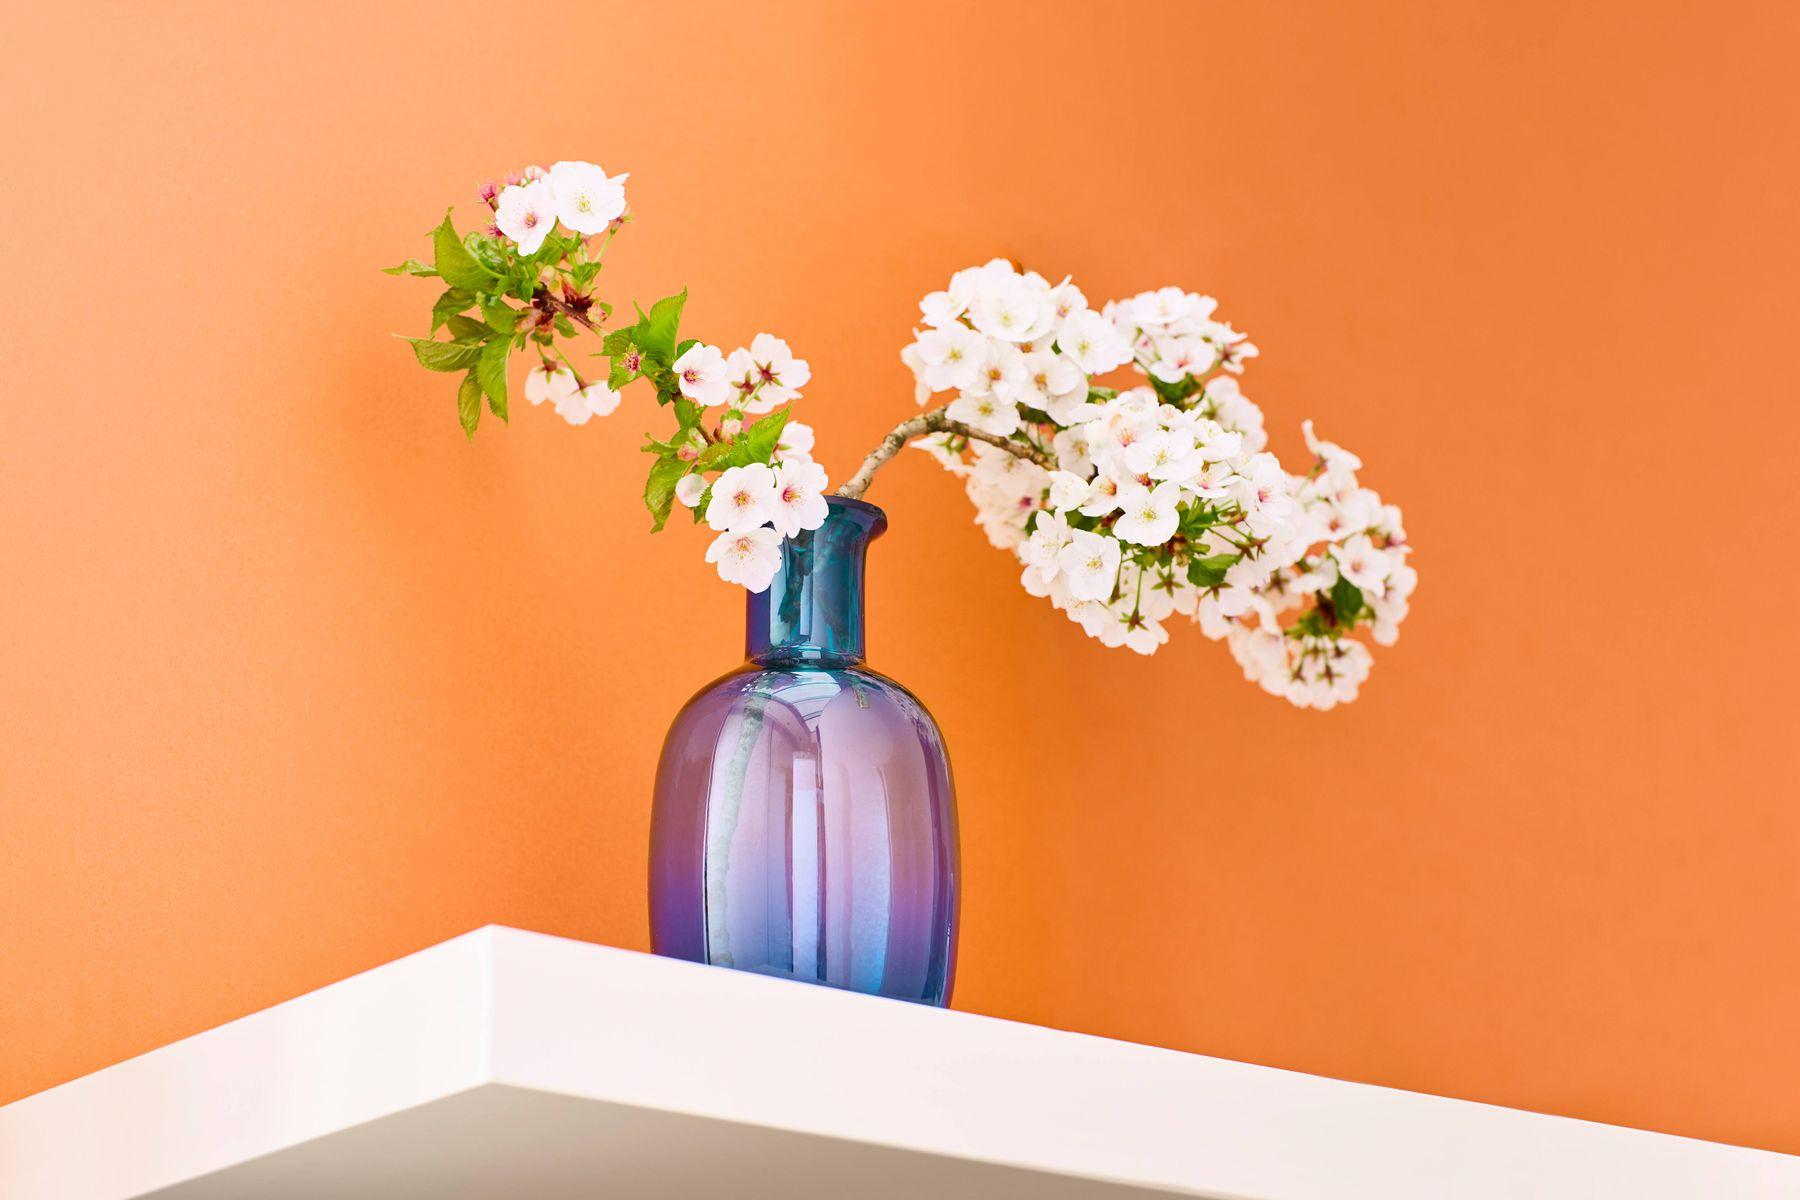 glass jar with a flower